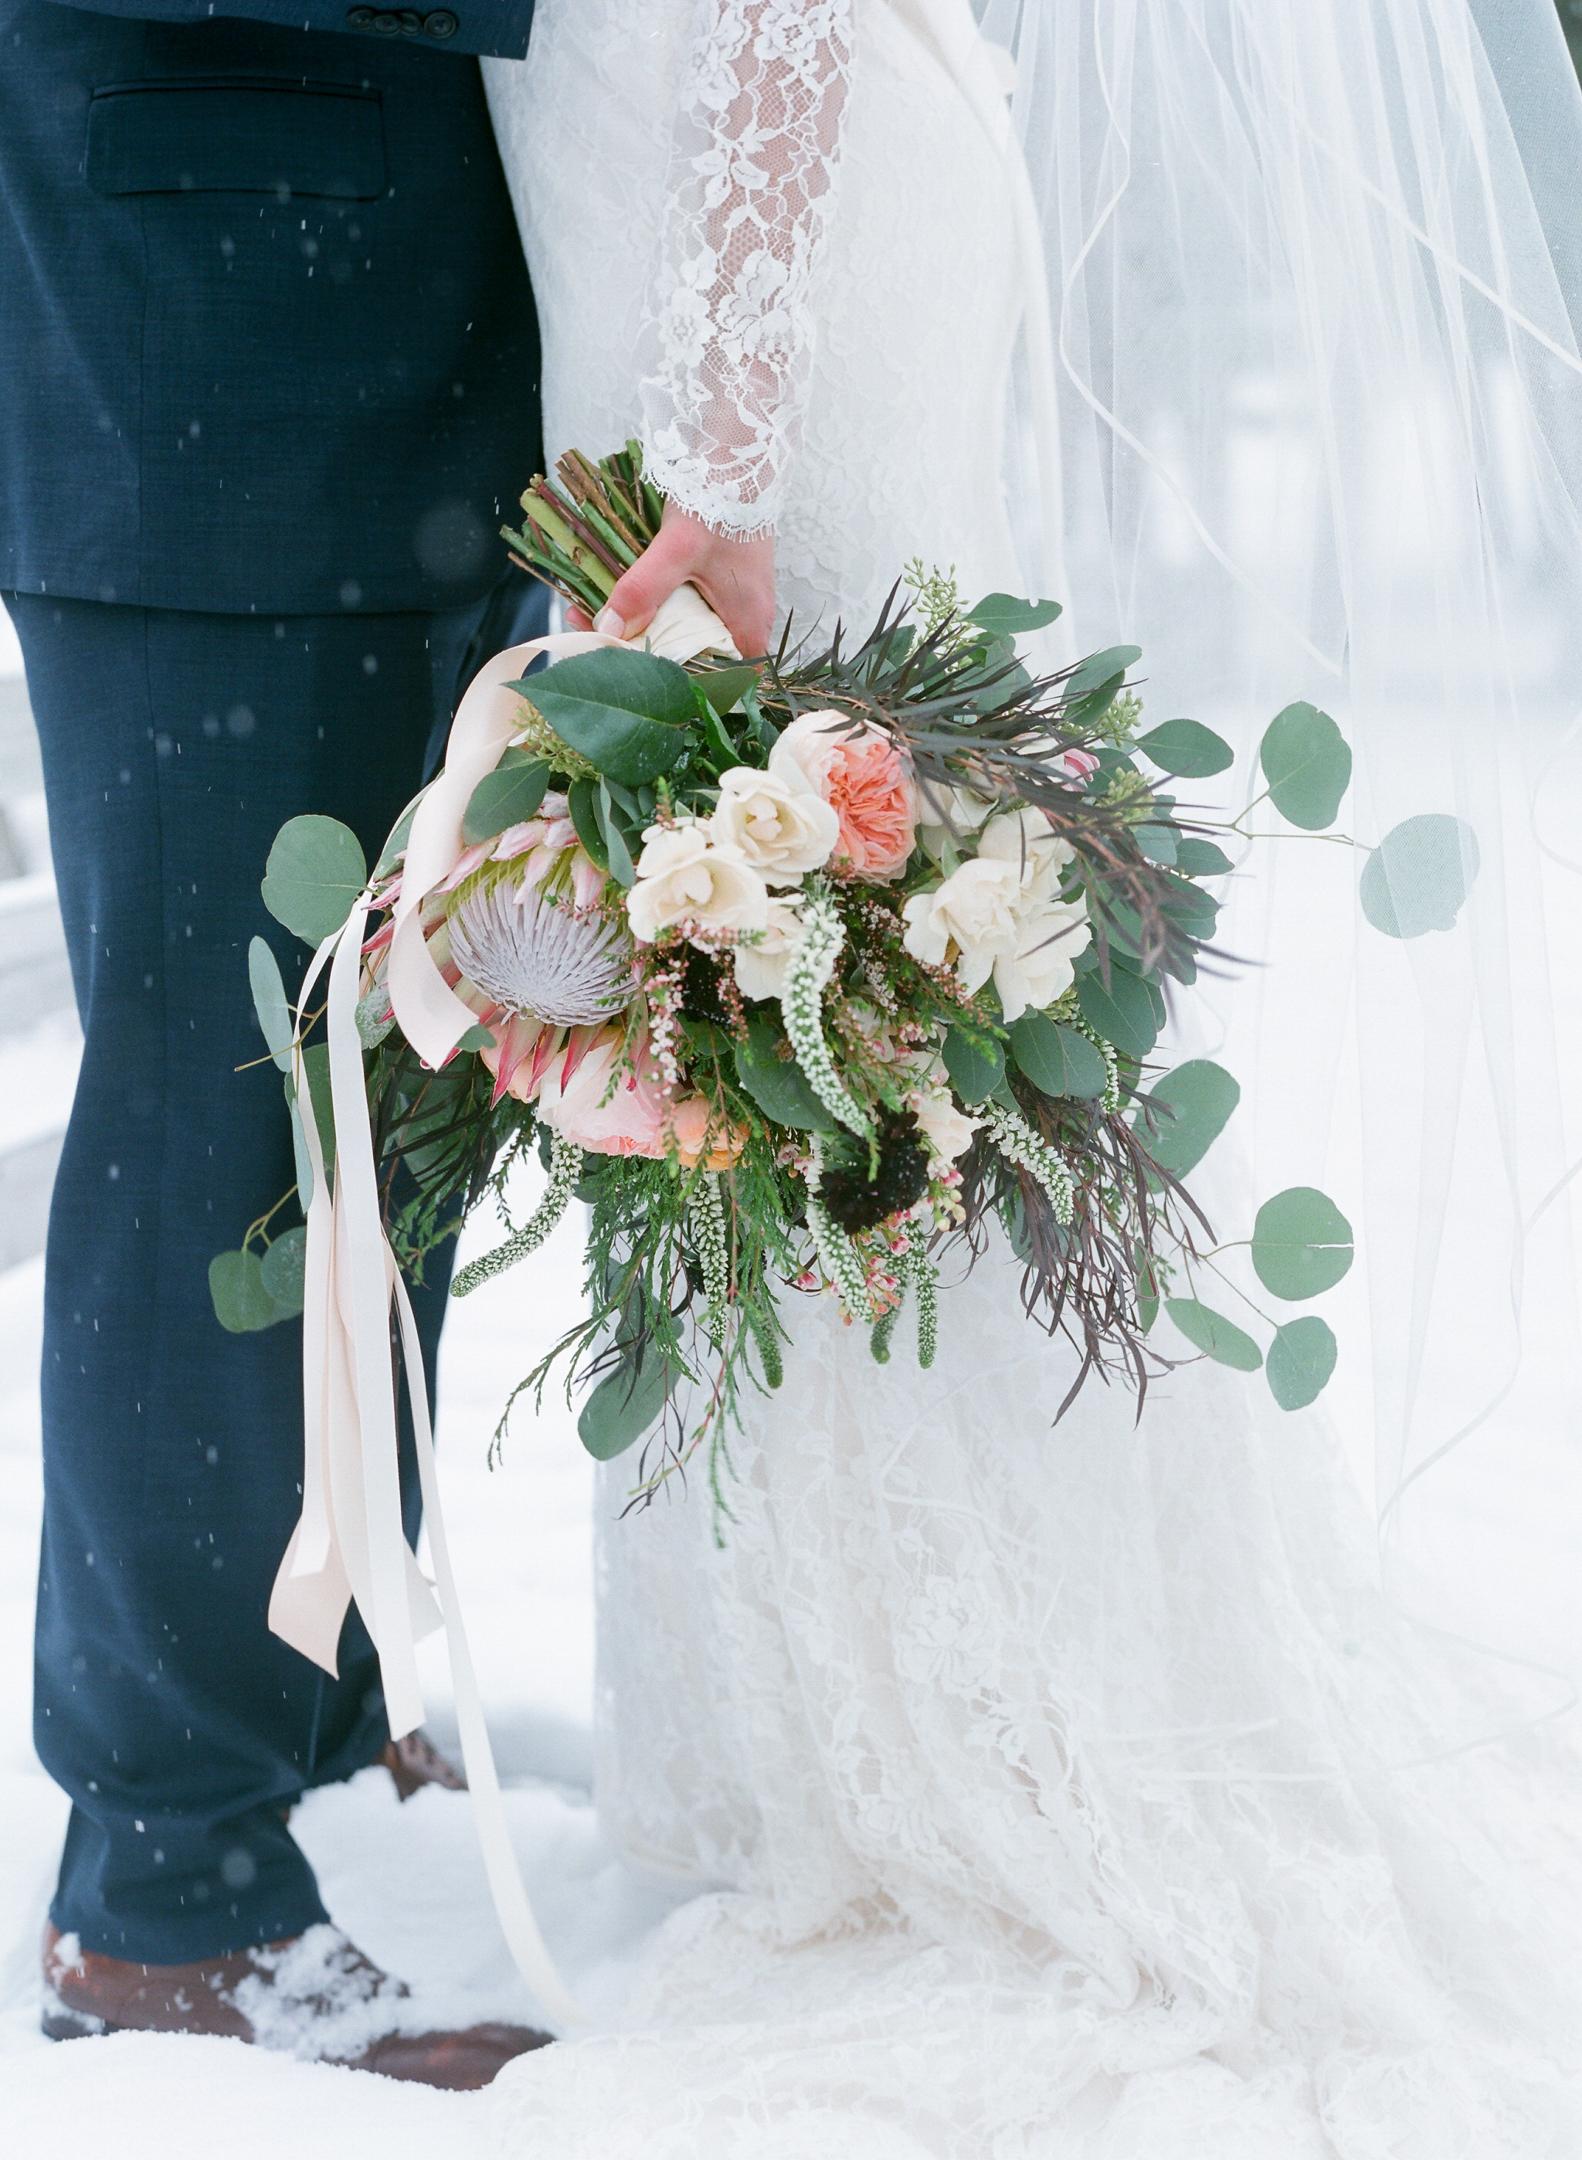 23-Rothschild-Pavilion-Winter-Wedding.jpg